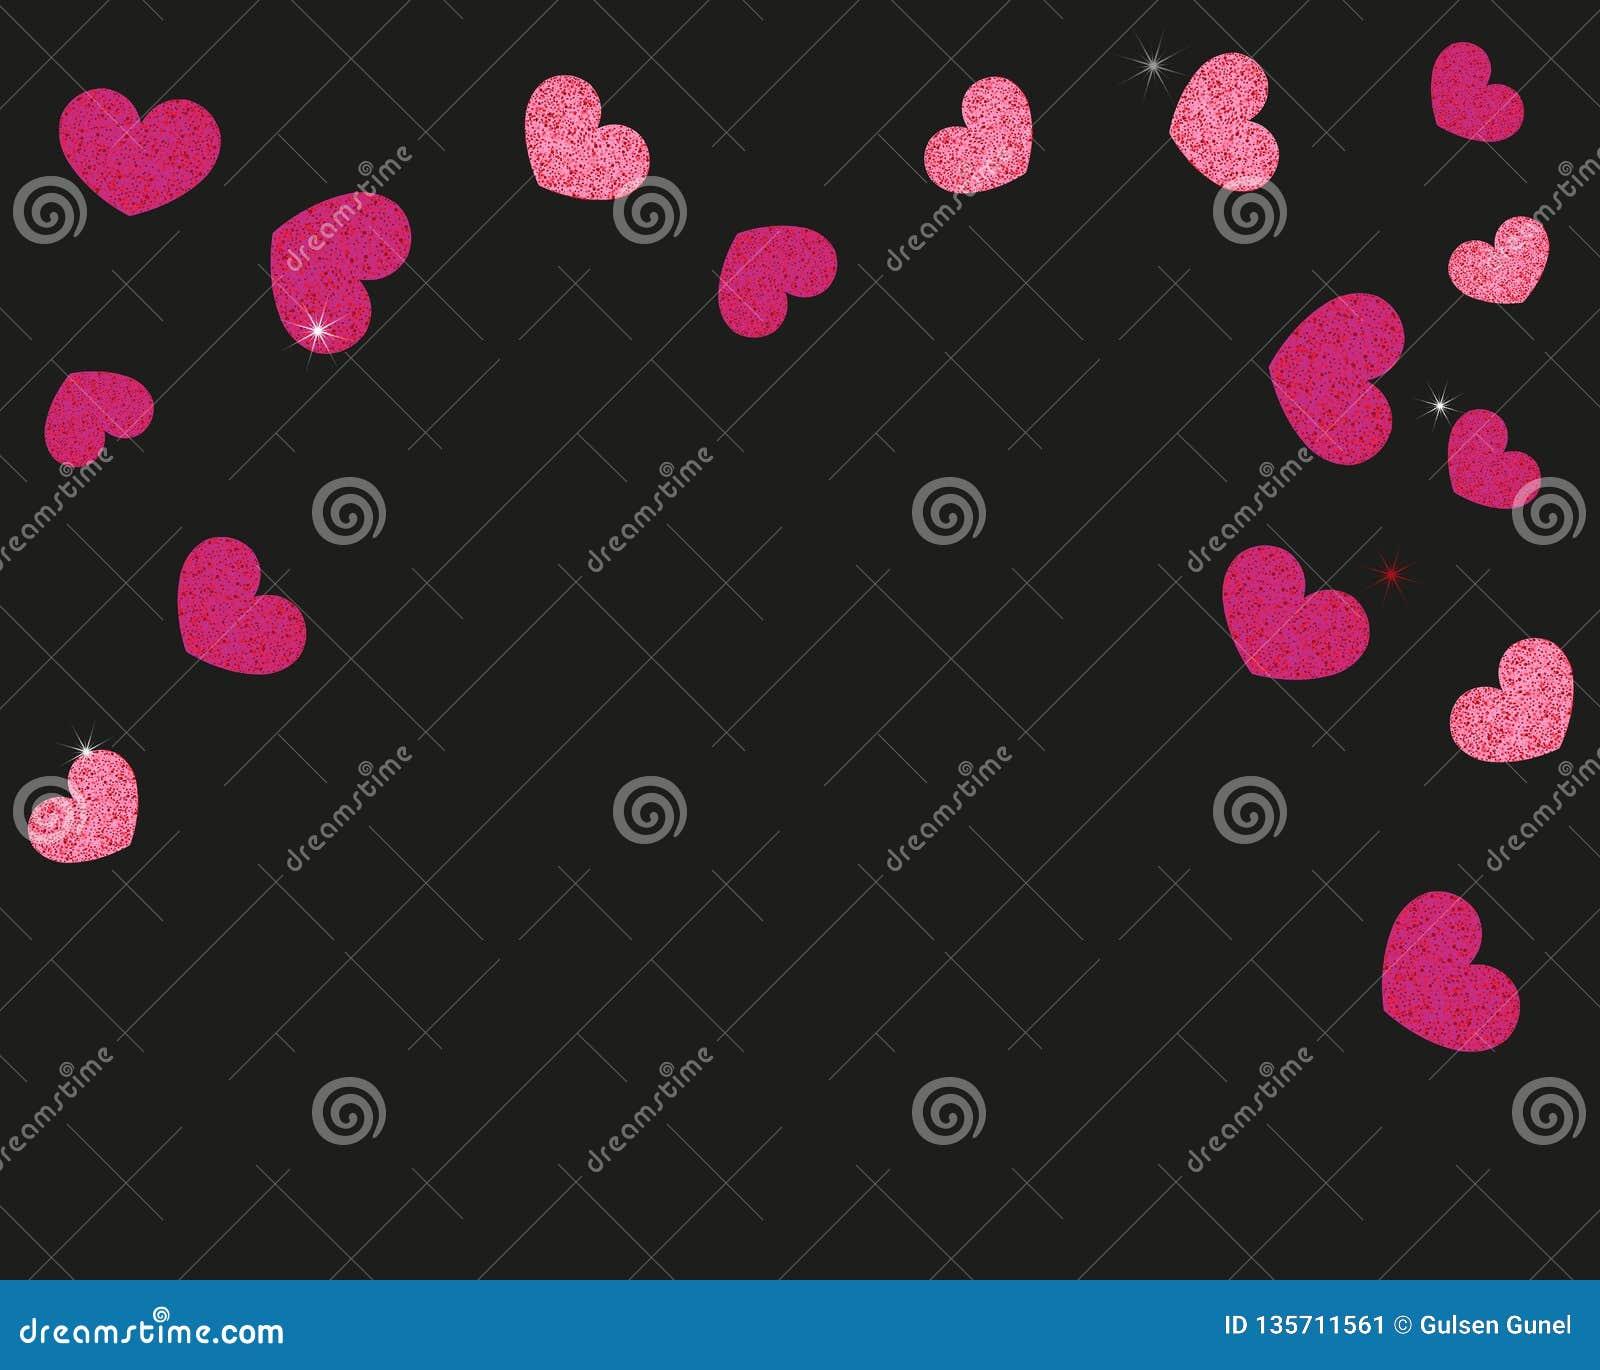 Pink Black Wallpaper Stock Illustrations 108 694 Pink Black Wallpaper Stock Illustrations Vectors Clipart Dreamstime